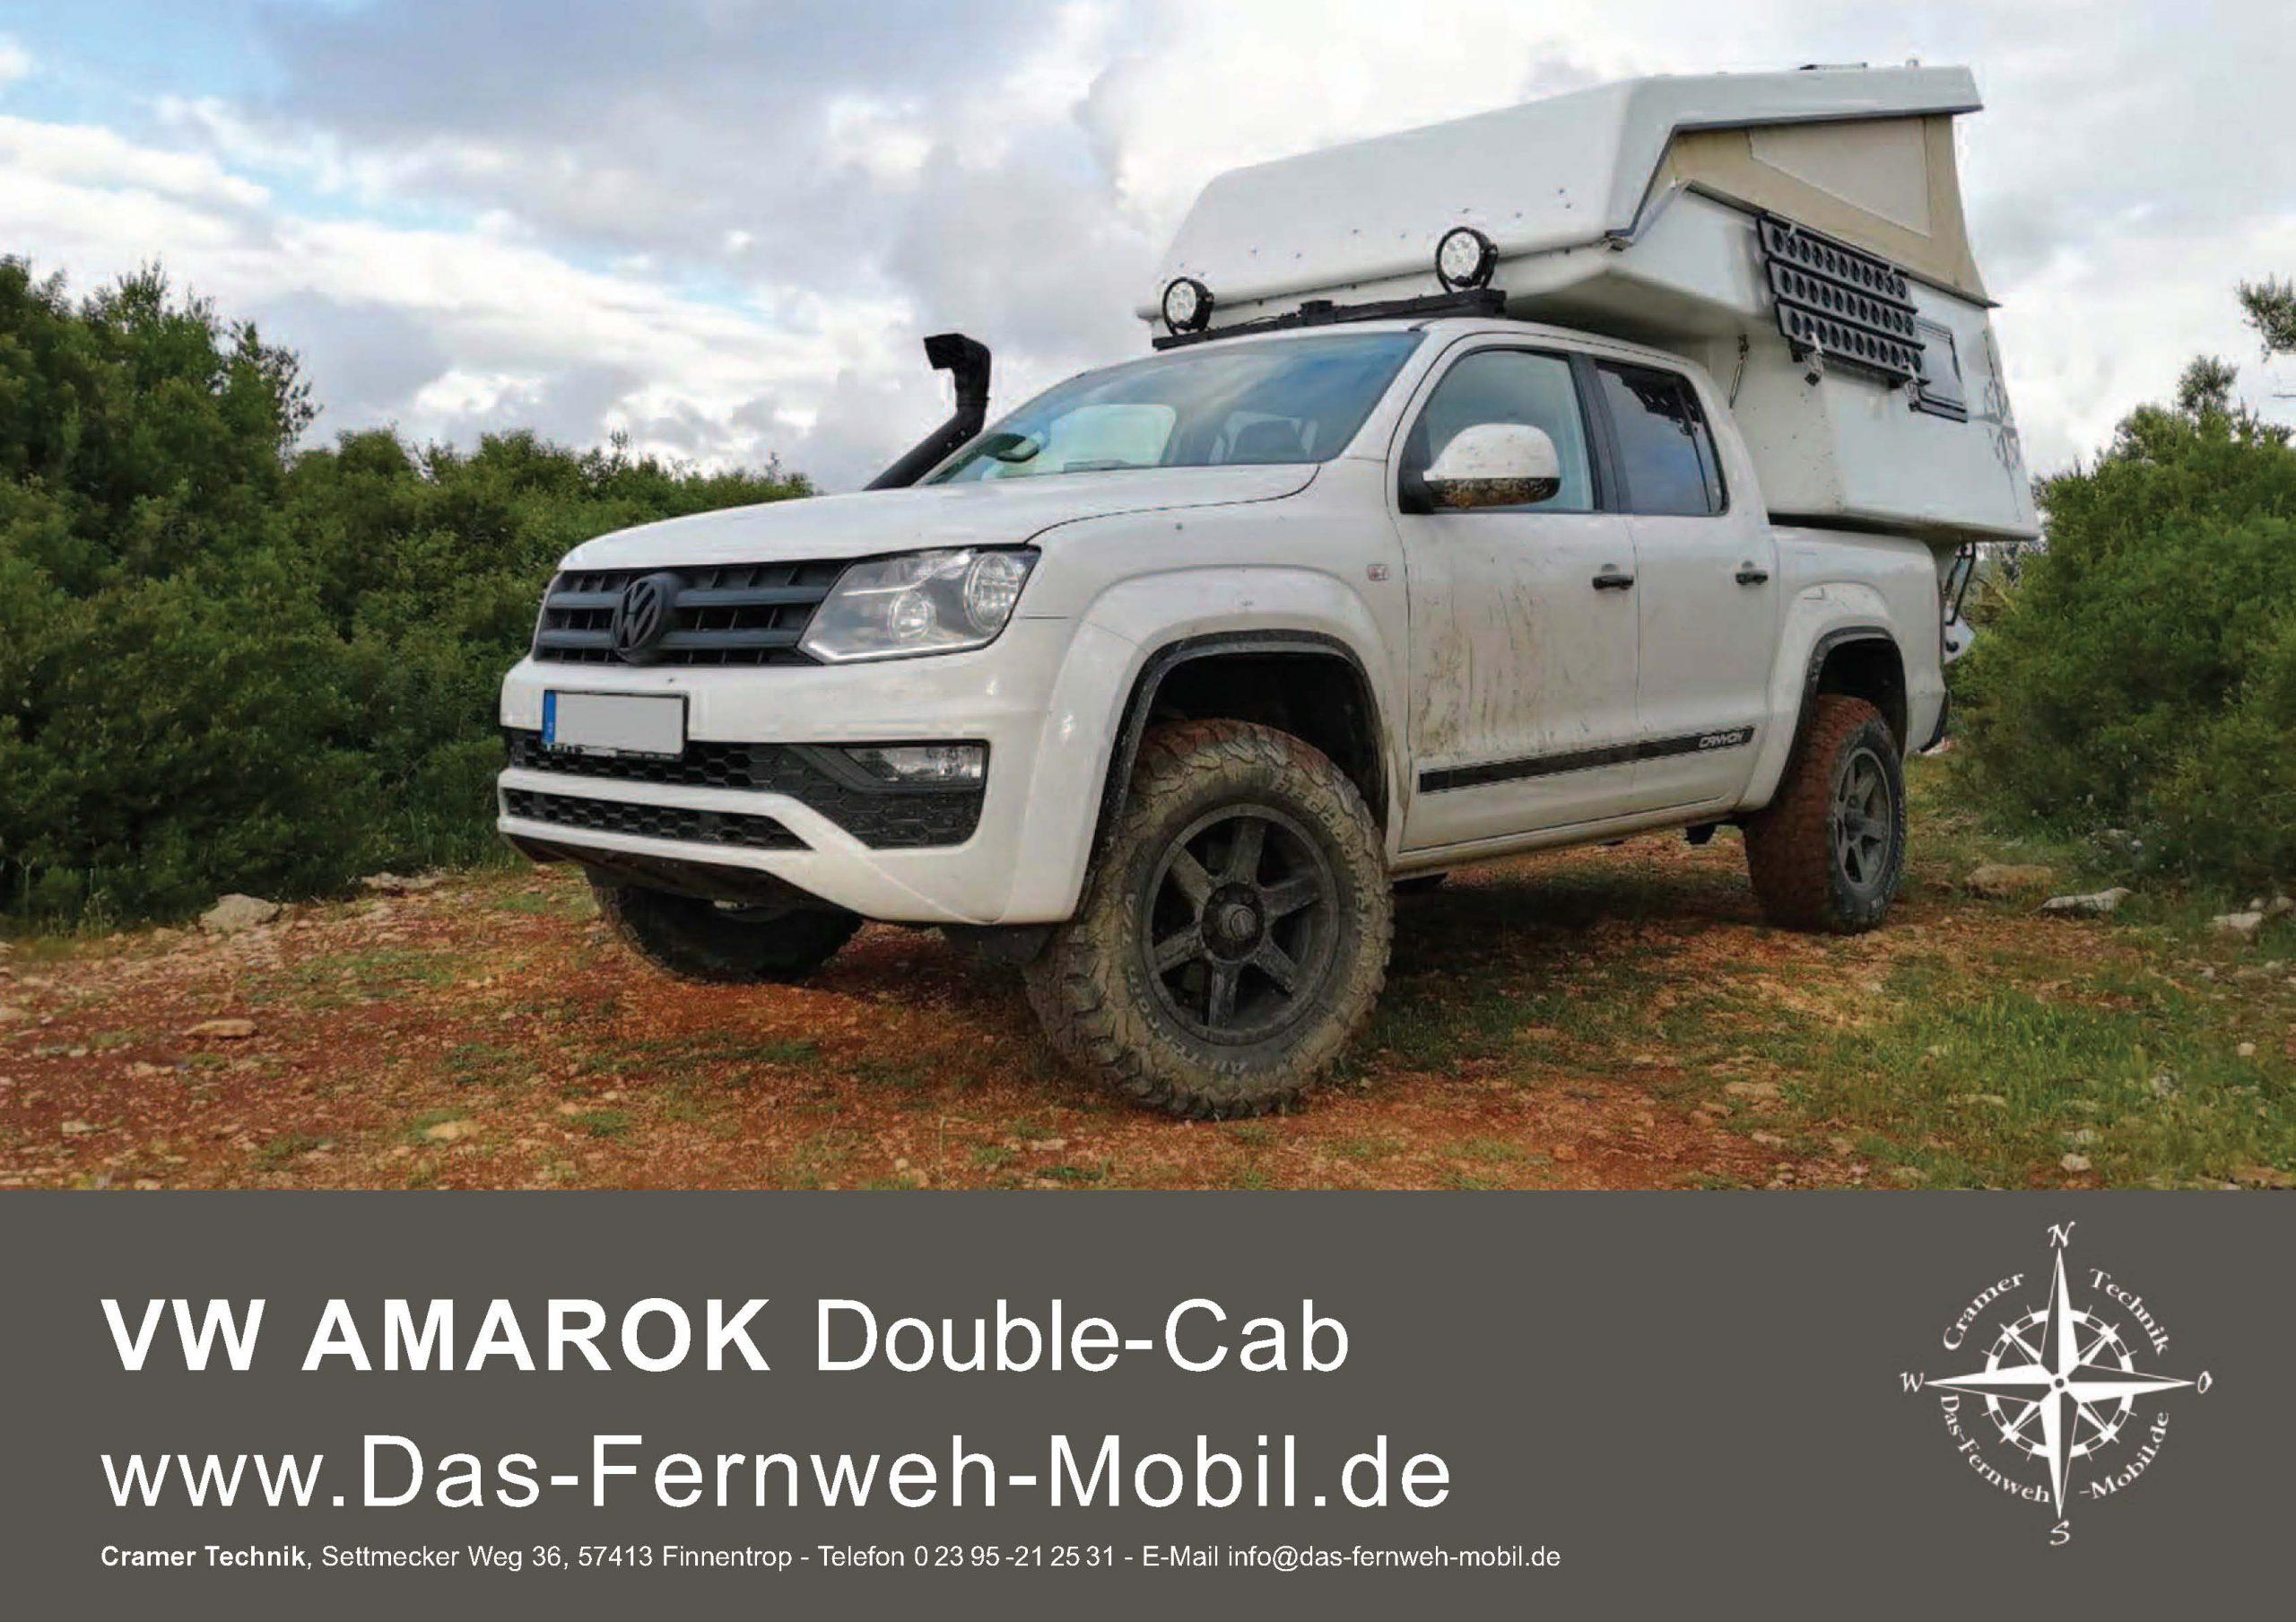 Datenblatt-VW-Amarok-Double-Cab-102019-k_Seite_1